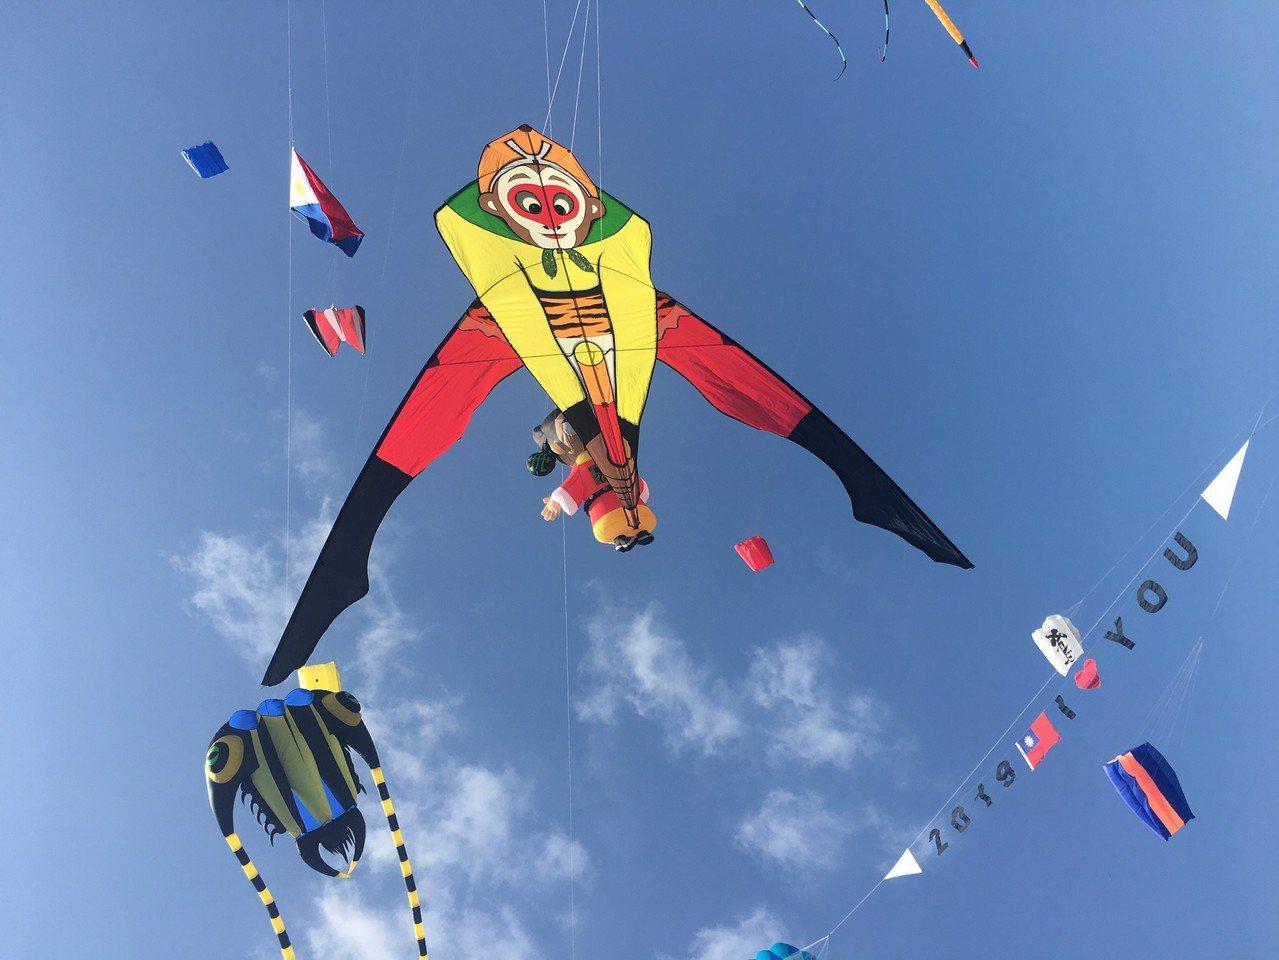 西遊記的故事也是空中演出戲碼之一。圖/桃園市政府觀光旅遊局提供